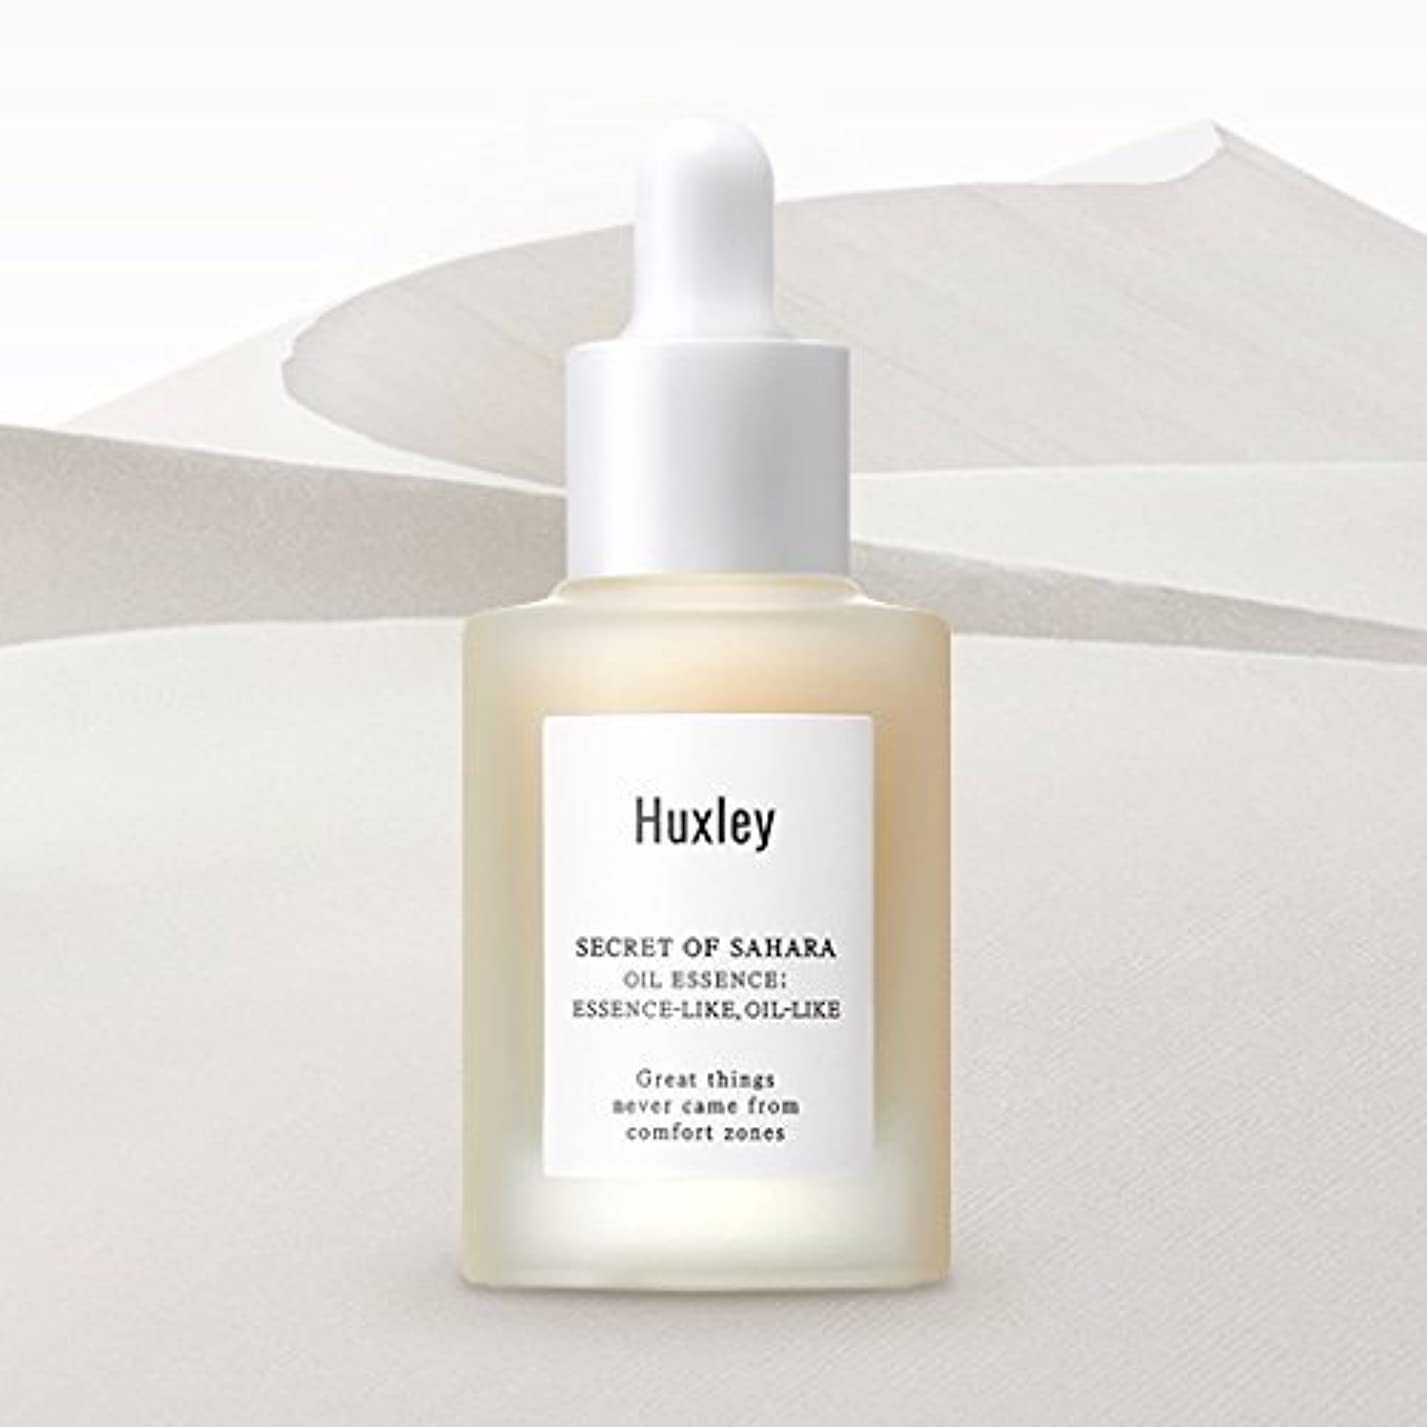 出席起点悲しいことにハクスリー サハラ砂漠の秘密オイルエッセンス30ml / Huxley Secret of Sahara OIL Essence (Essence-Like, Oil-Like) 30ml (1.01fl.oz.) Made...